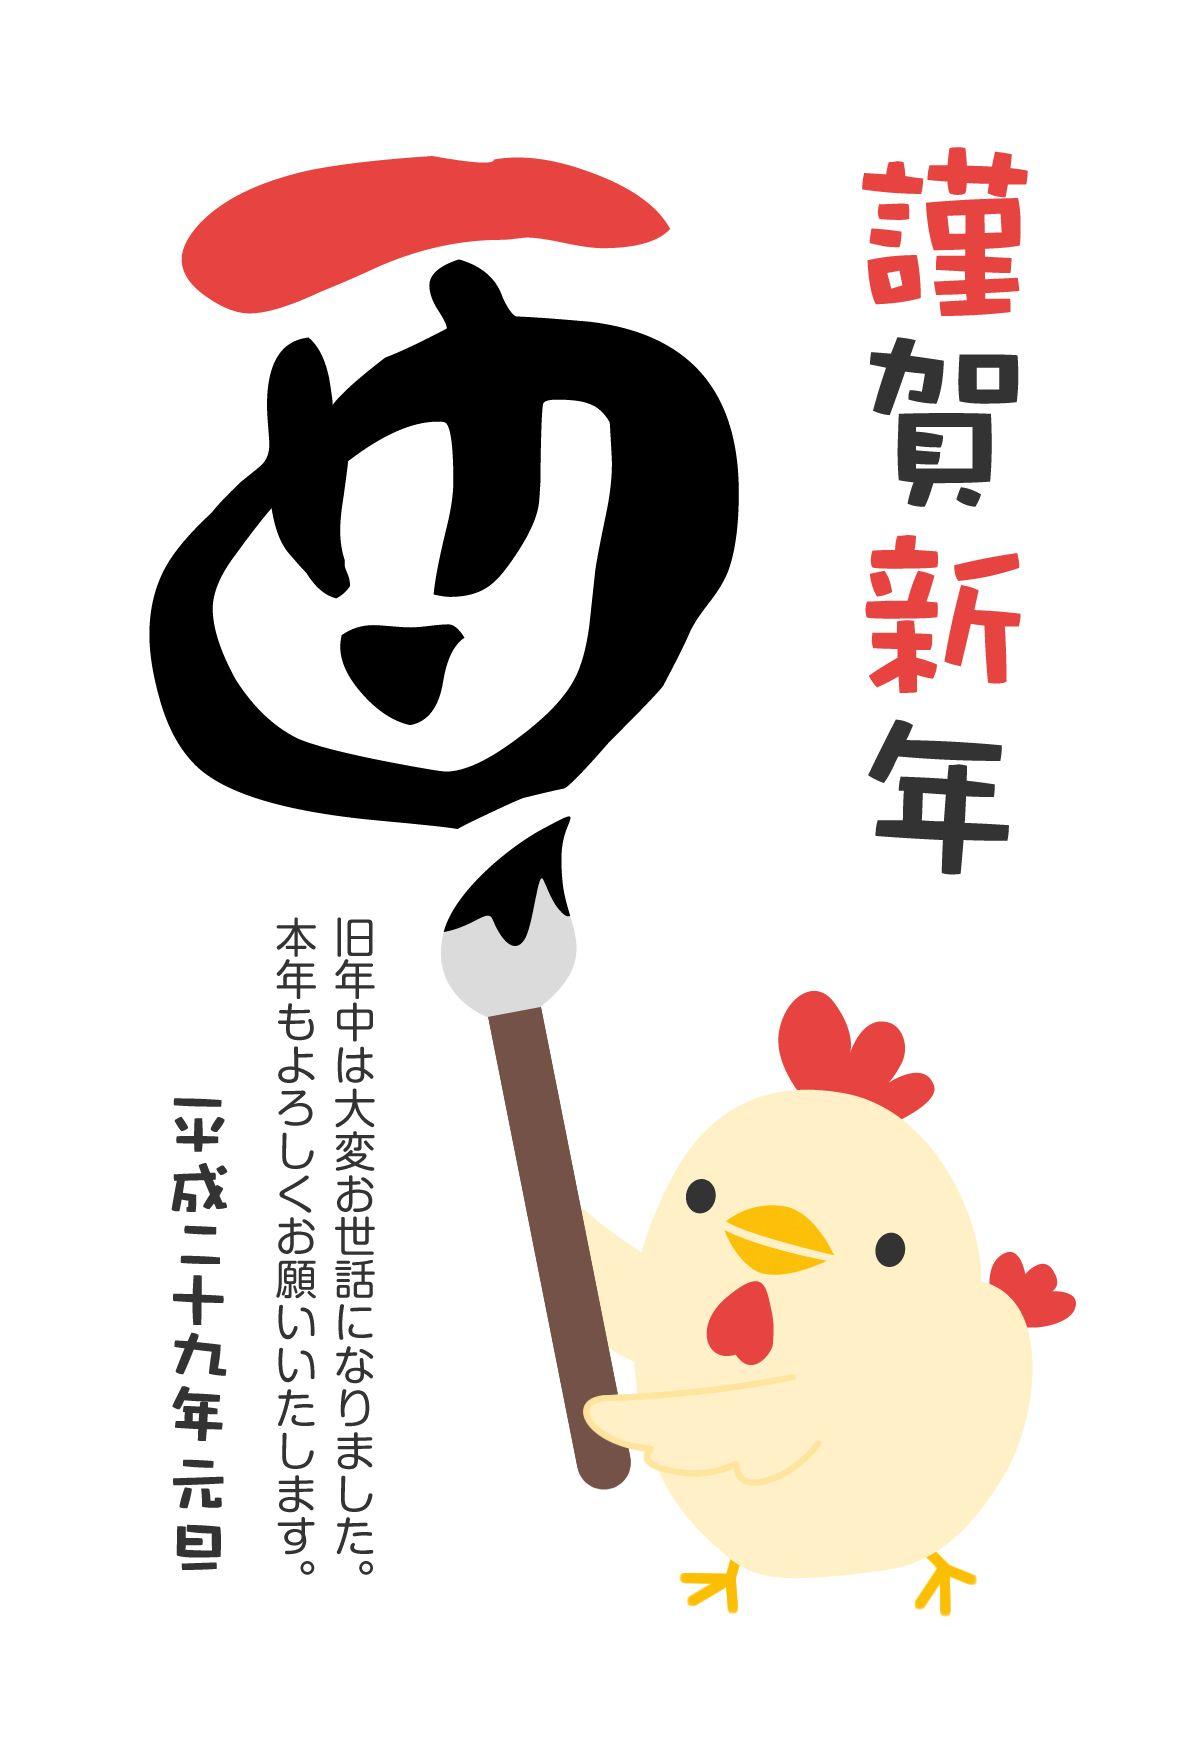 年賀状2017無料テンプレート]書き初めをする可愛い鶏 | mascot in 2018